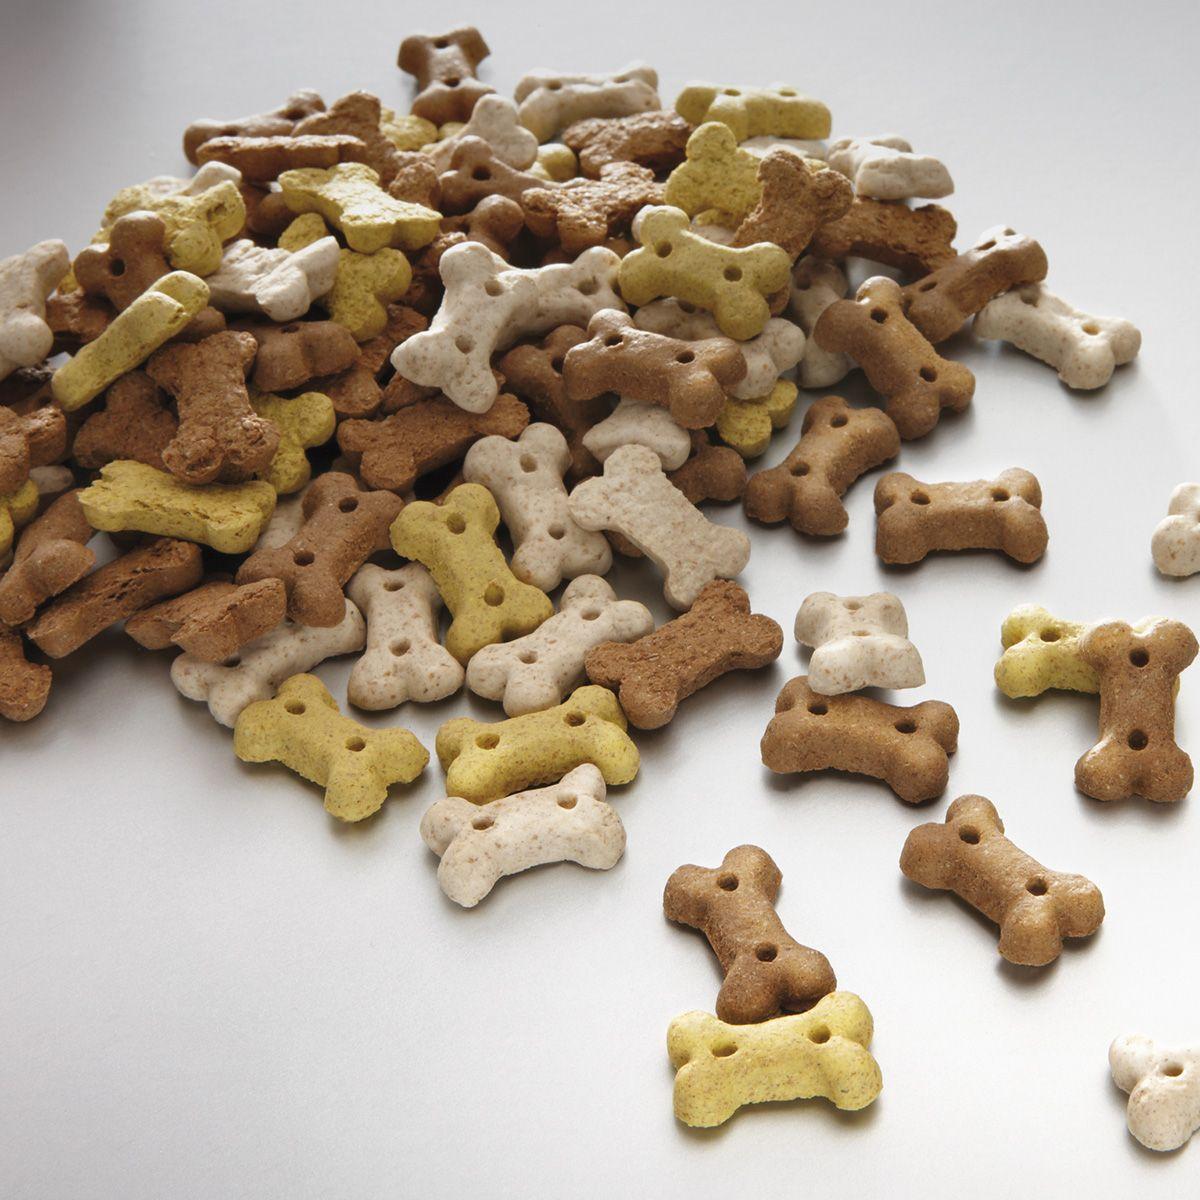 Лакомство для собак Meradog Puppy Knochen Mix, щенячье удовольствие, 10 кг0120710Печенье (лакомства) для собак. Как вознаграждение, а также дополнение к основному рациону собак